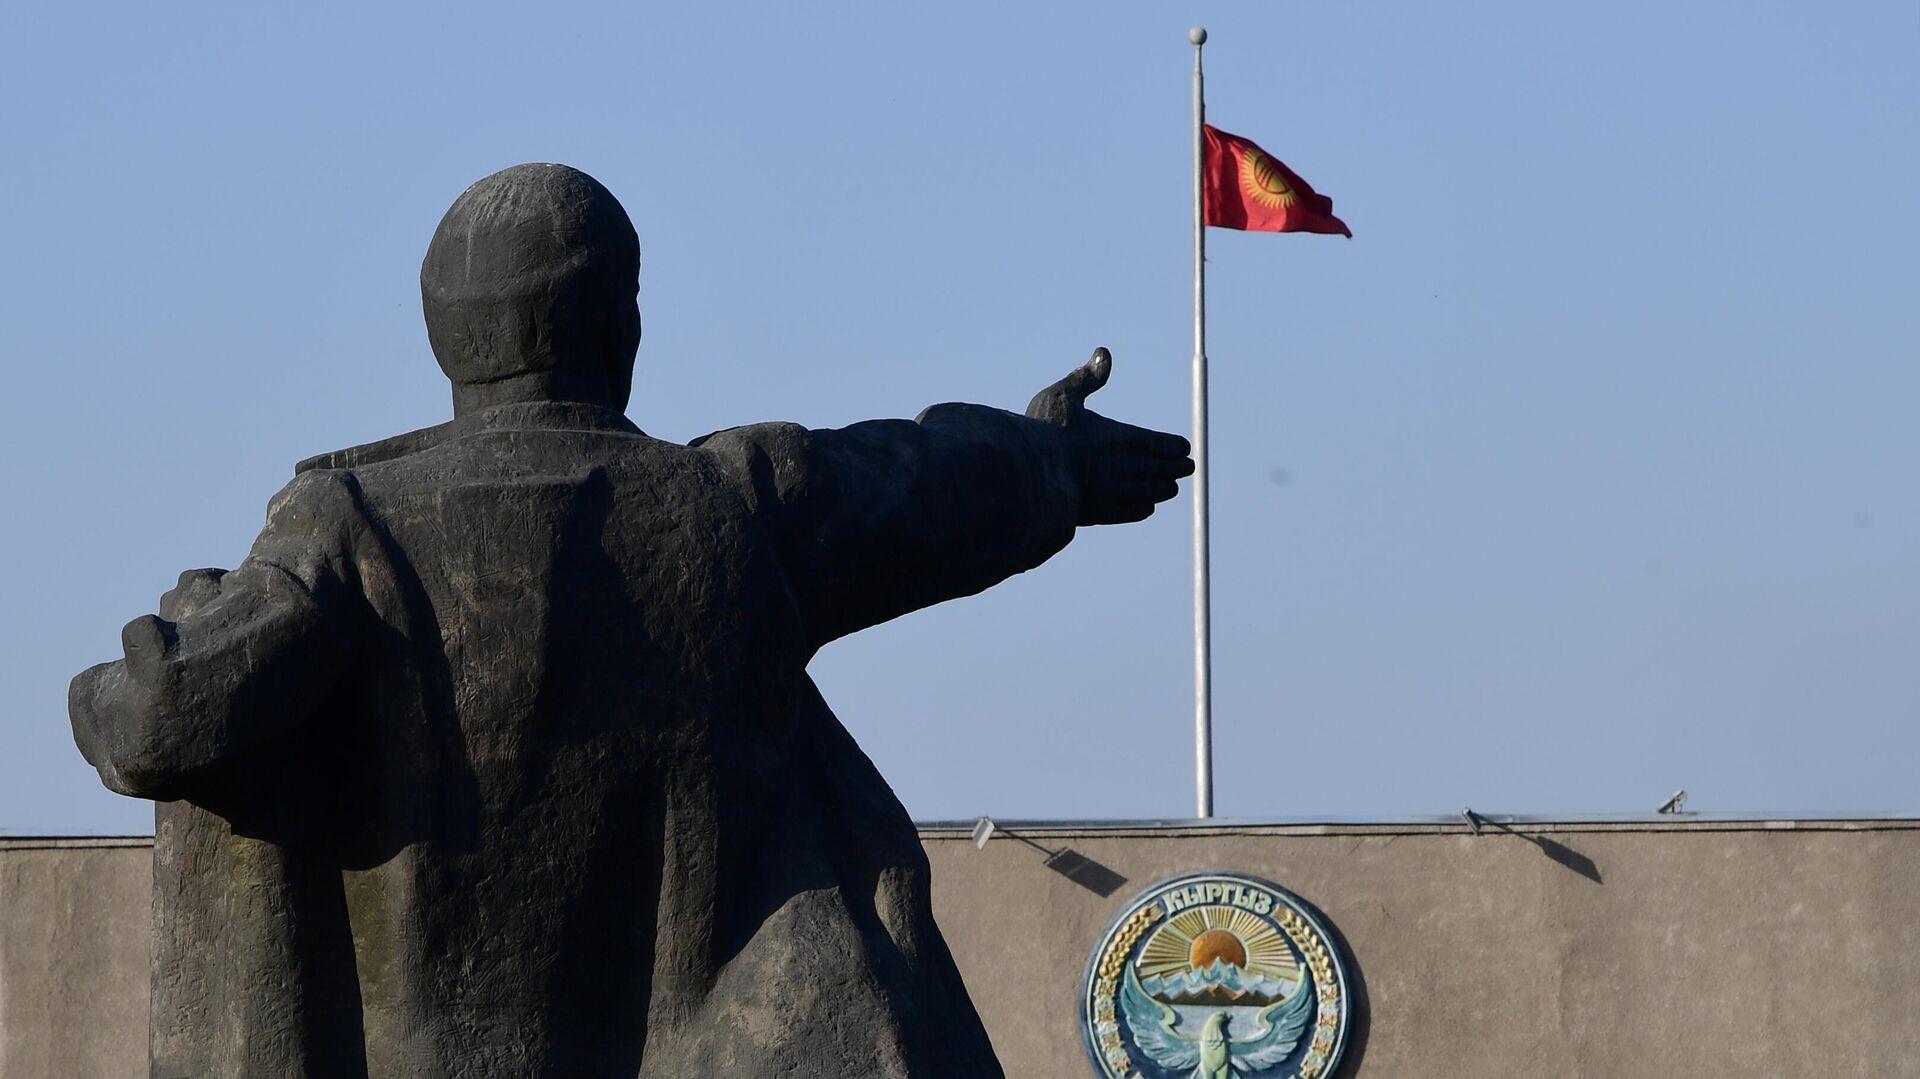 Памятник В. И. Ленину на Старой площади в Бишкеке  - РИА Новости, 1920, 27.11.2020